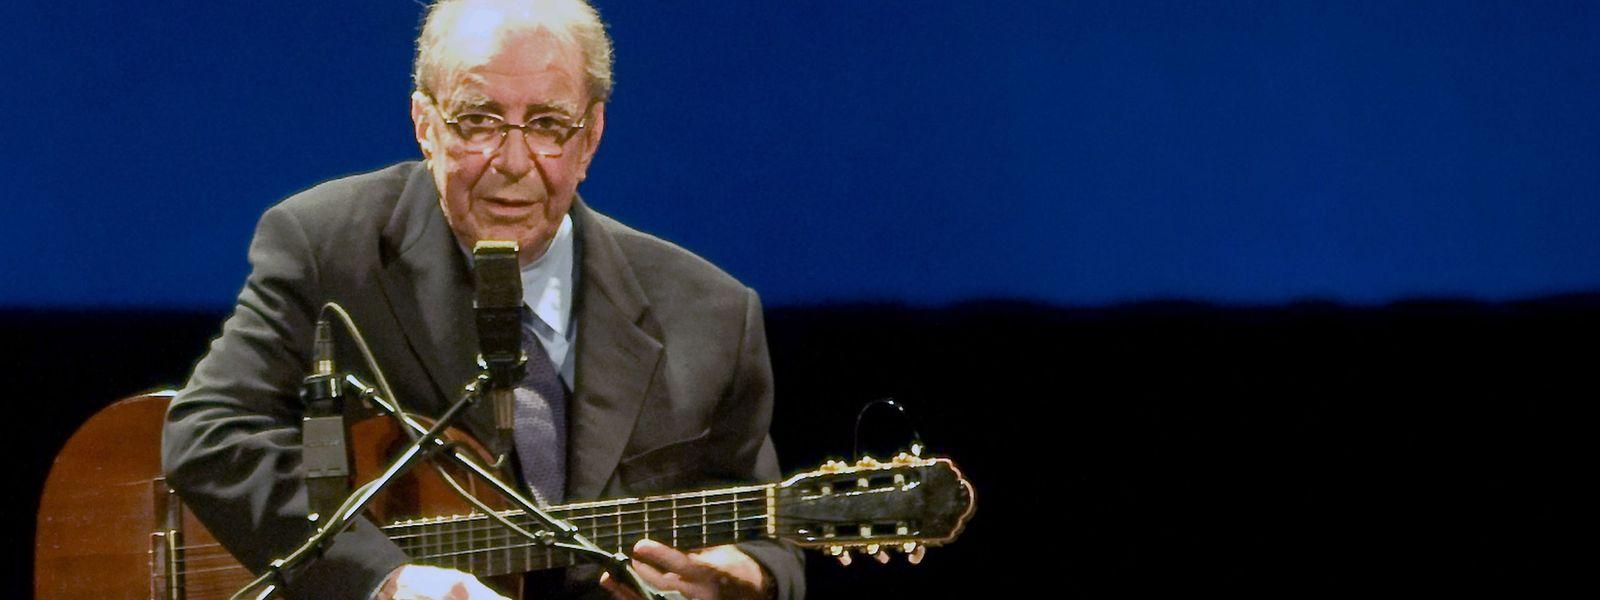 João Gilberto während eines Konzerts im August 2006.